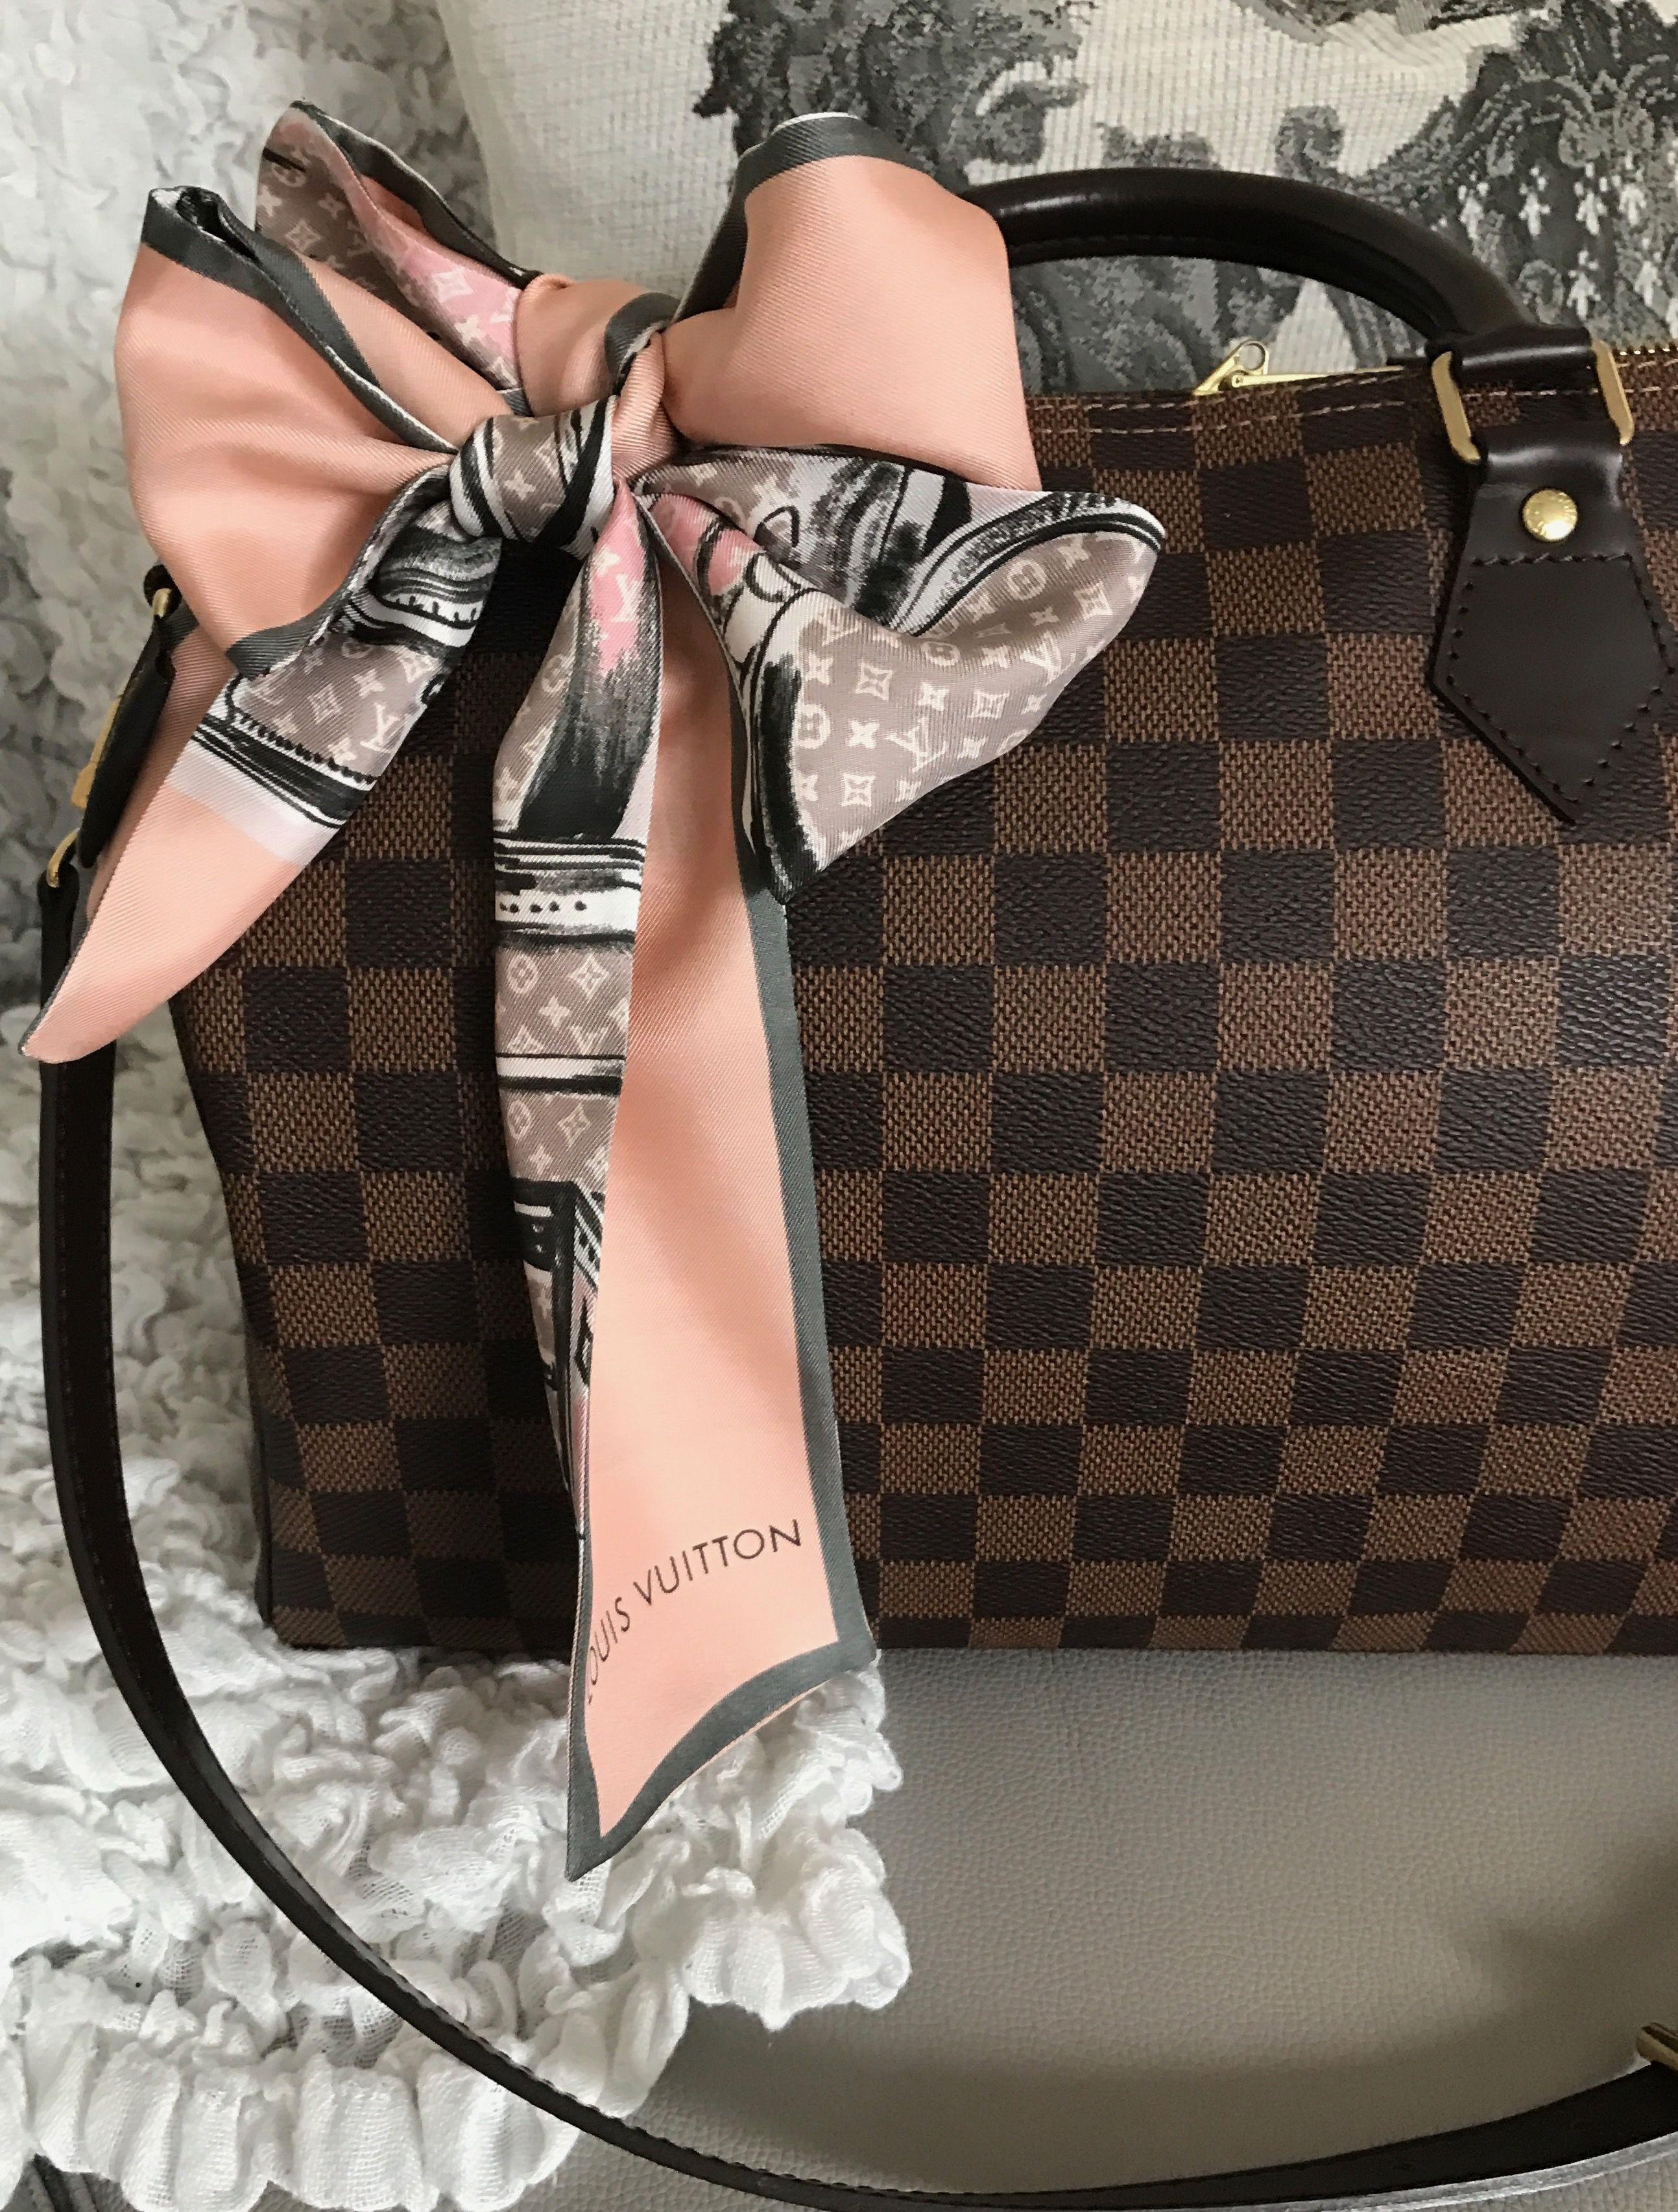 073e887d36d9f Louis Vuitton speedy B 30 Damier ebene with lv bandeau